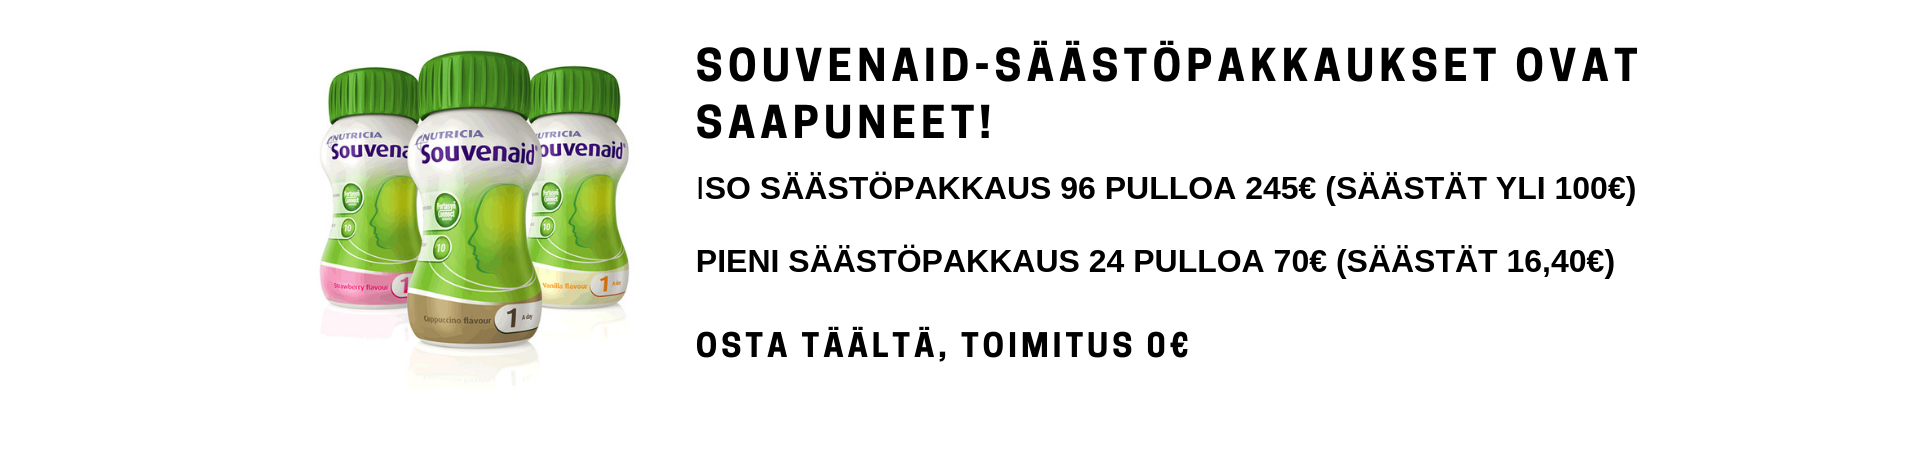 Souvenaid-tarjous, säästä yli 100€. 96 pulloa vain 245€